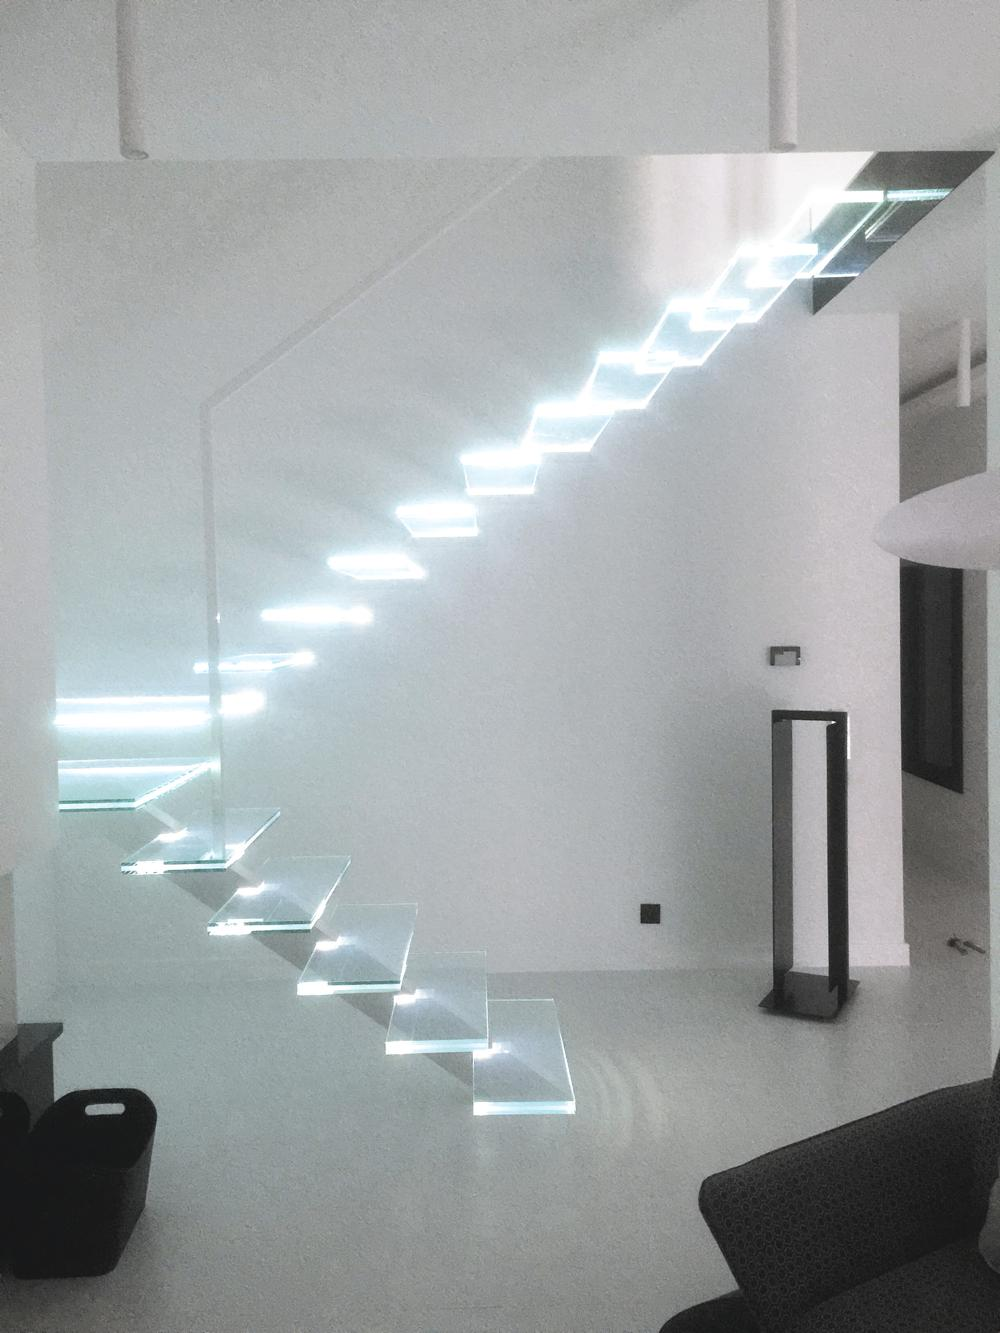 plb-schody-wewnetrzne.jpeg